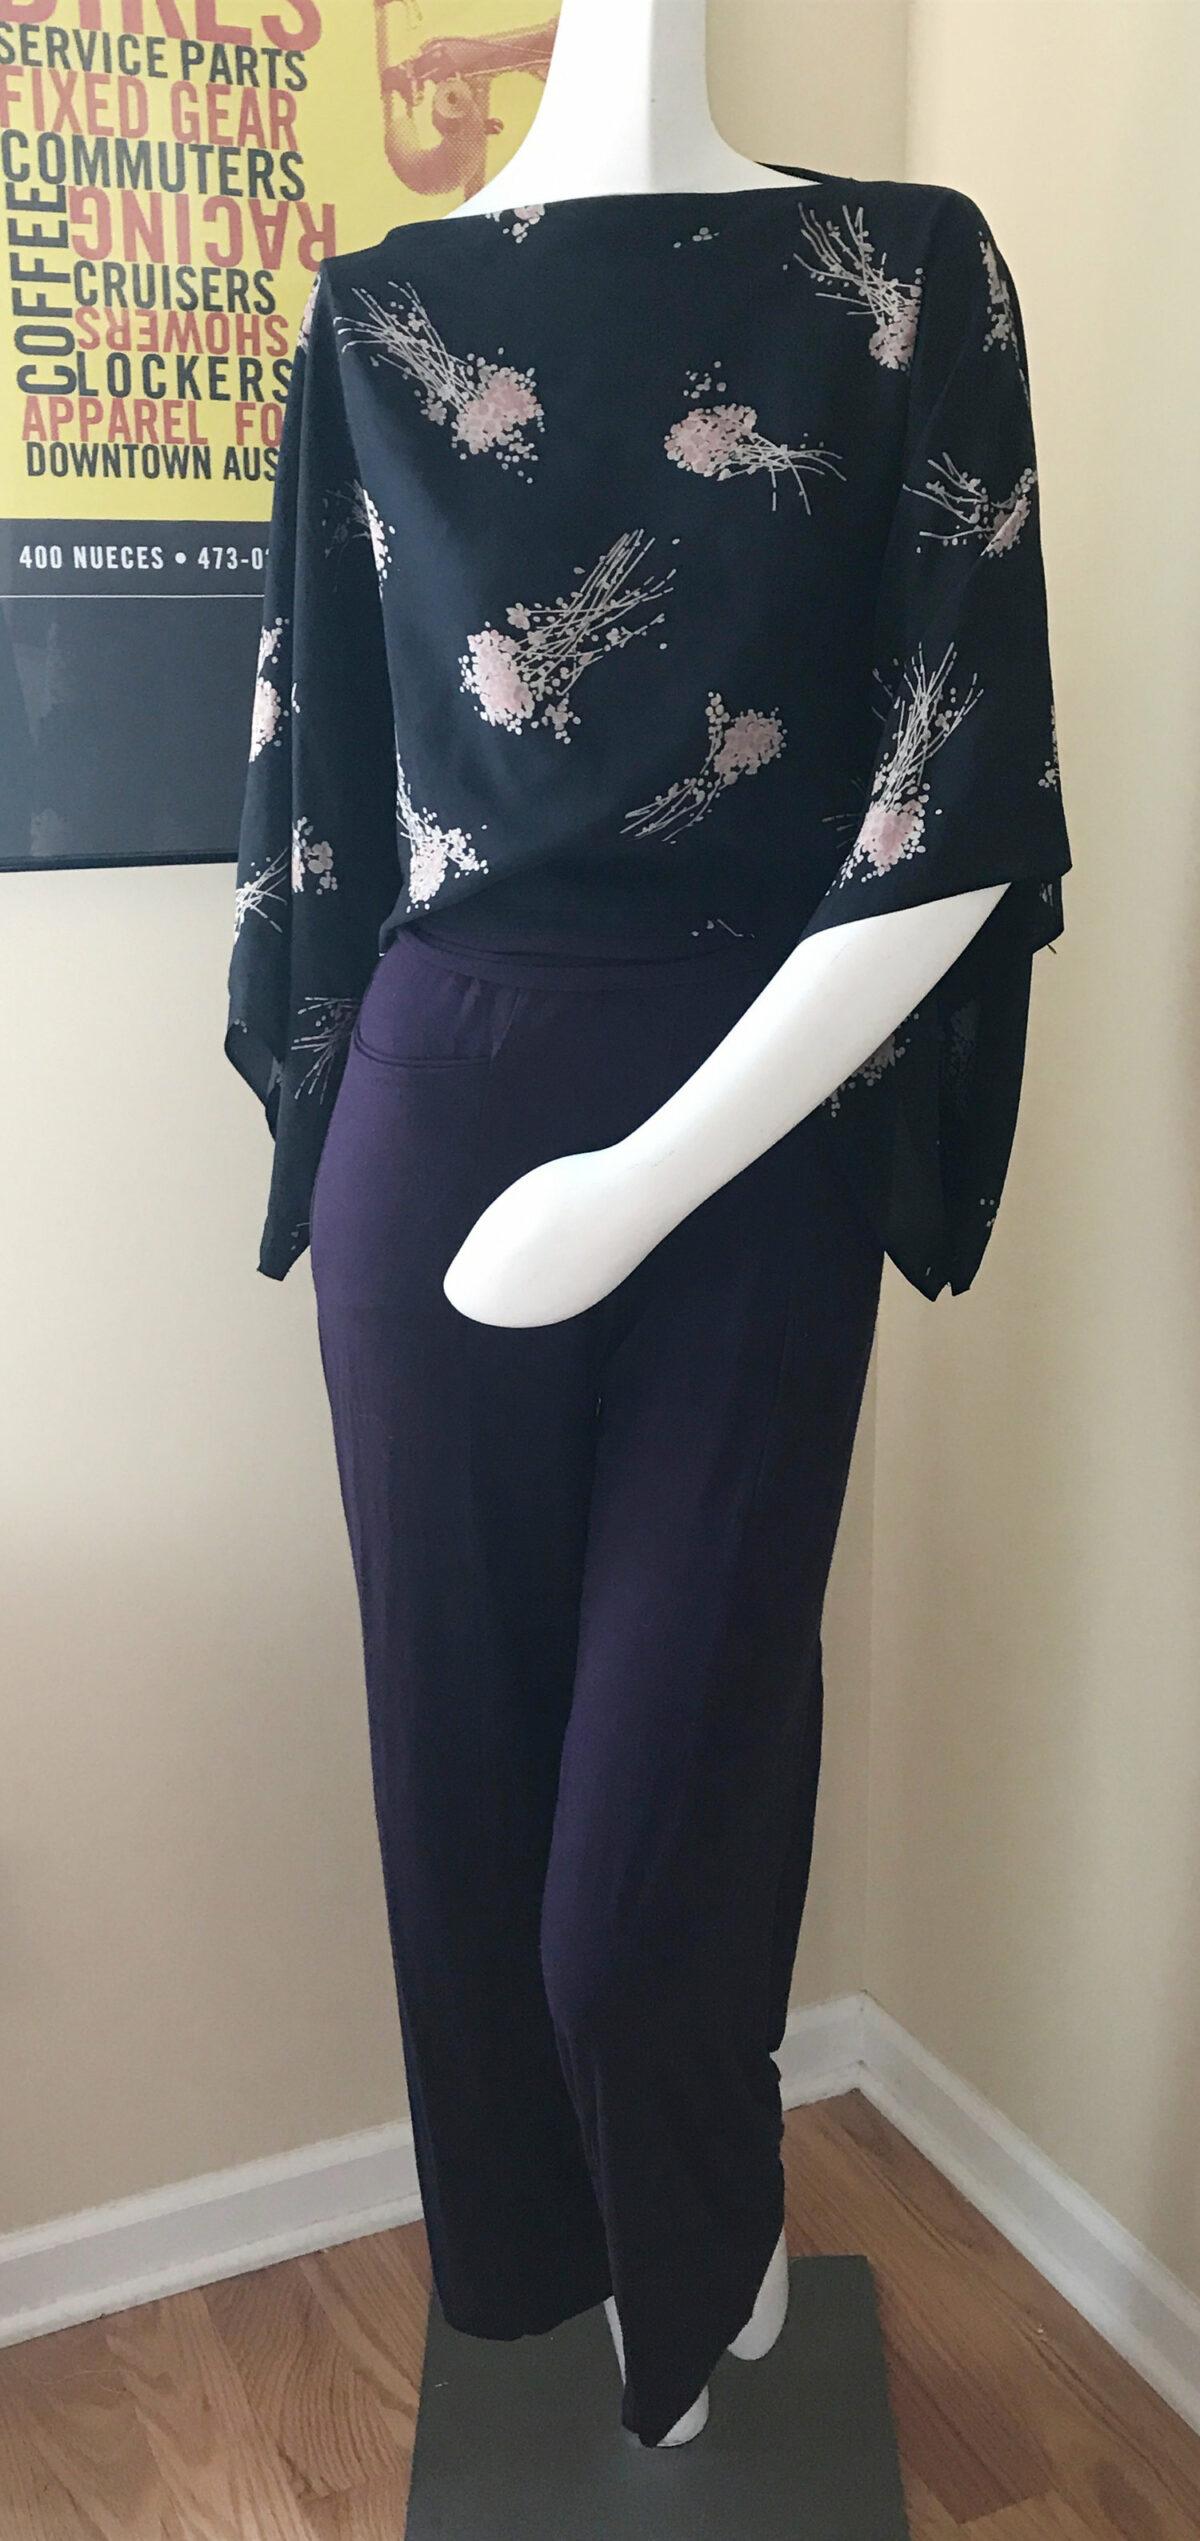 Kimono Poncho Top Sewing Pattern FREE